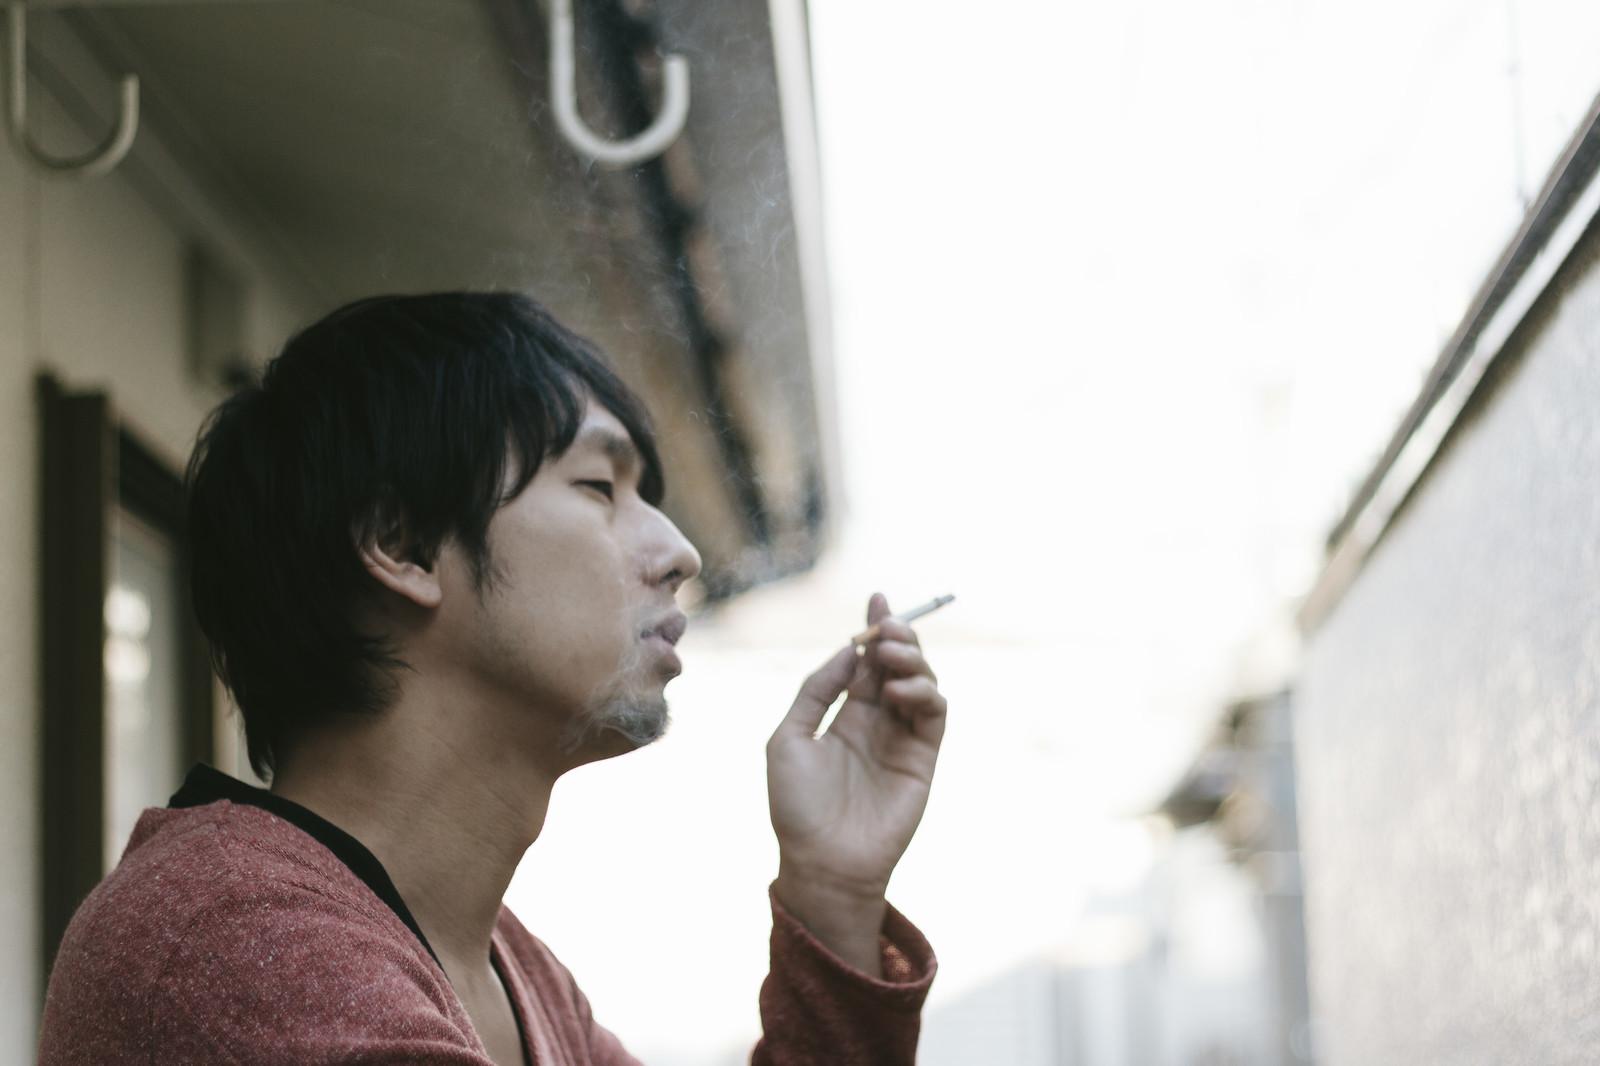 京都駅の喫煙所はココ!構内でタバコが吸える場所や穴場スポットを紹介!